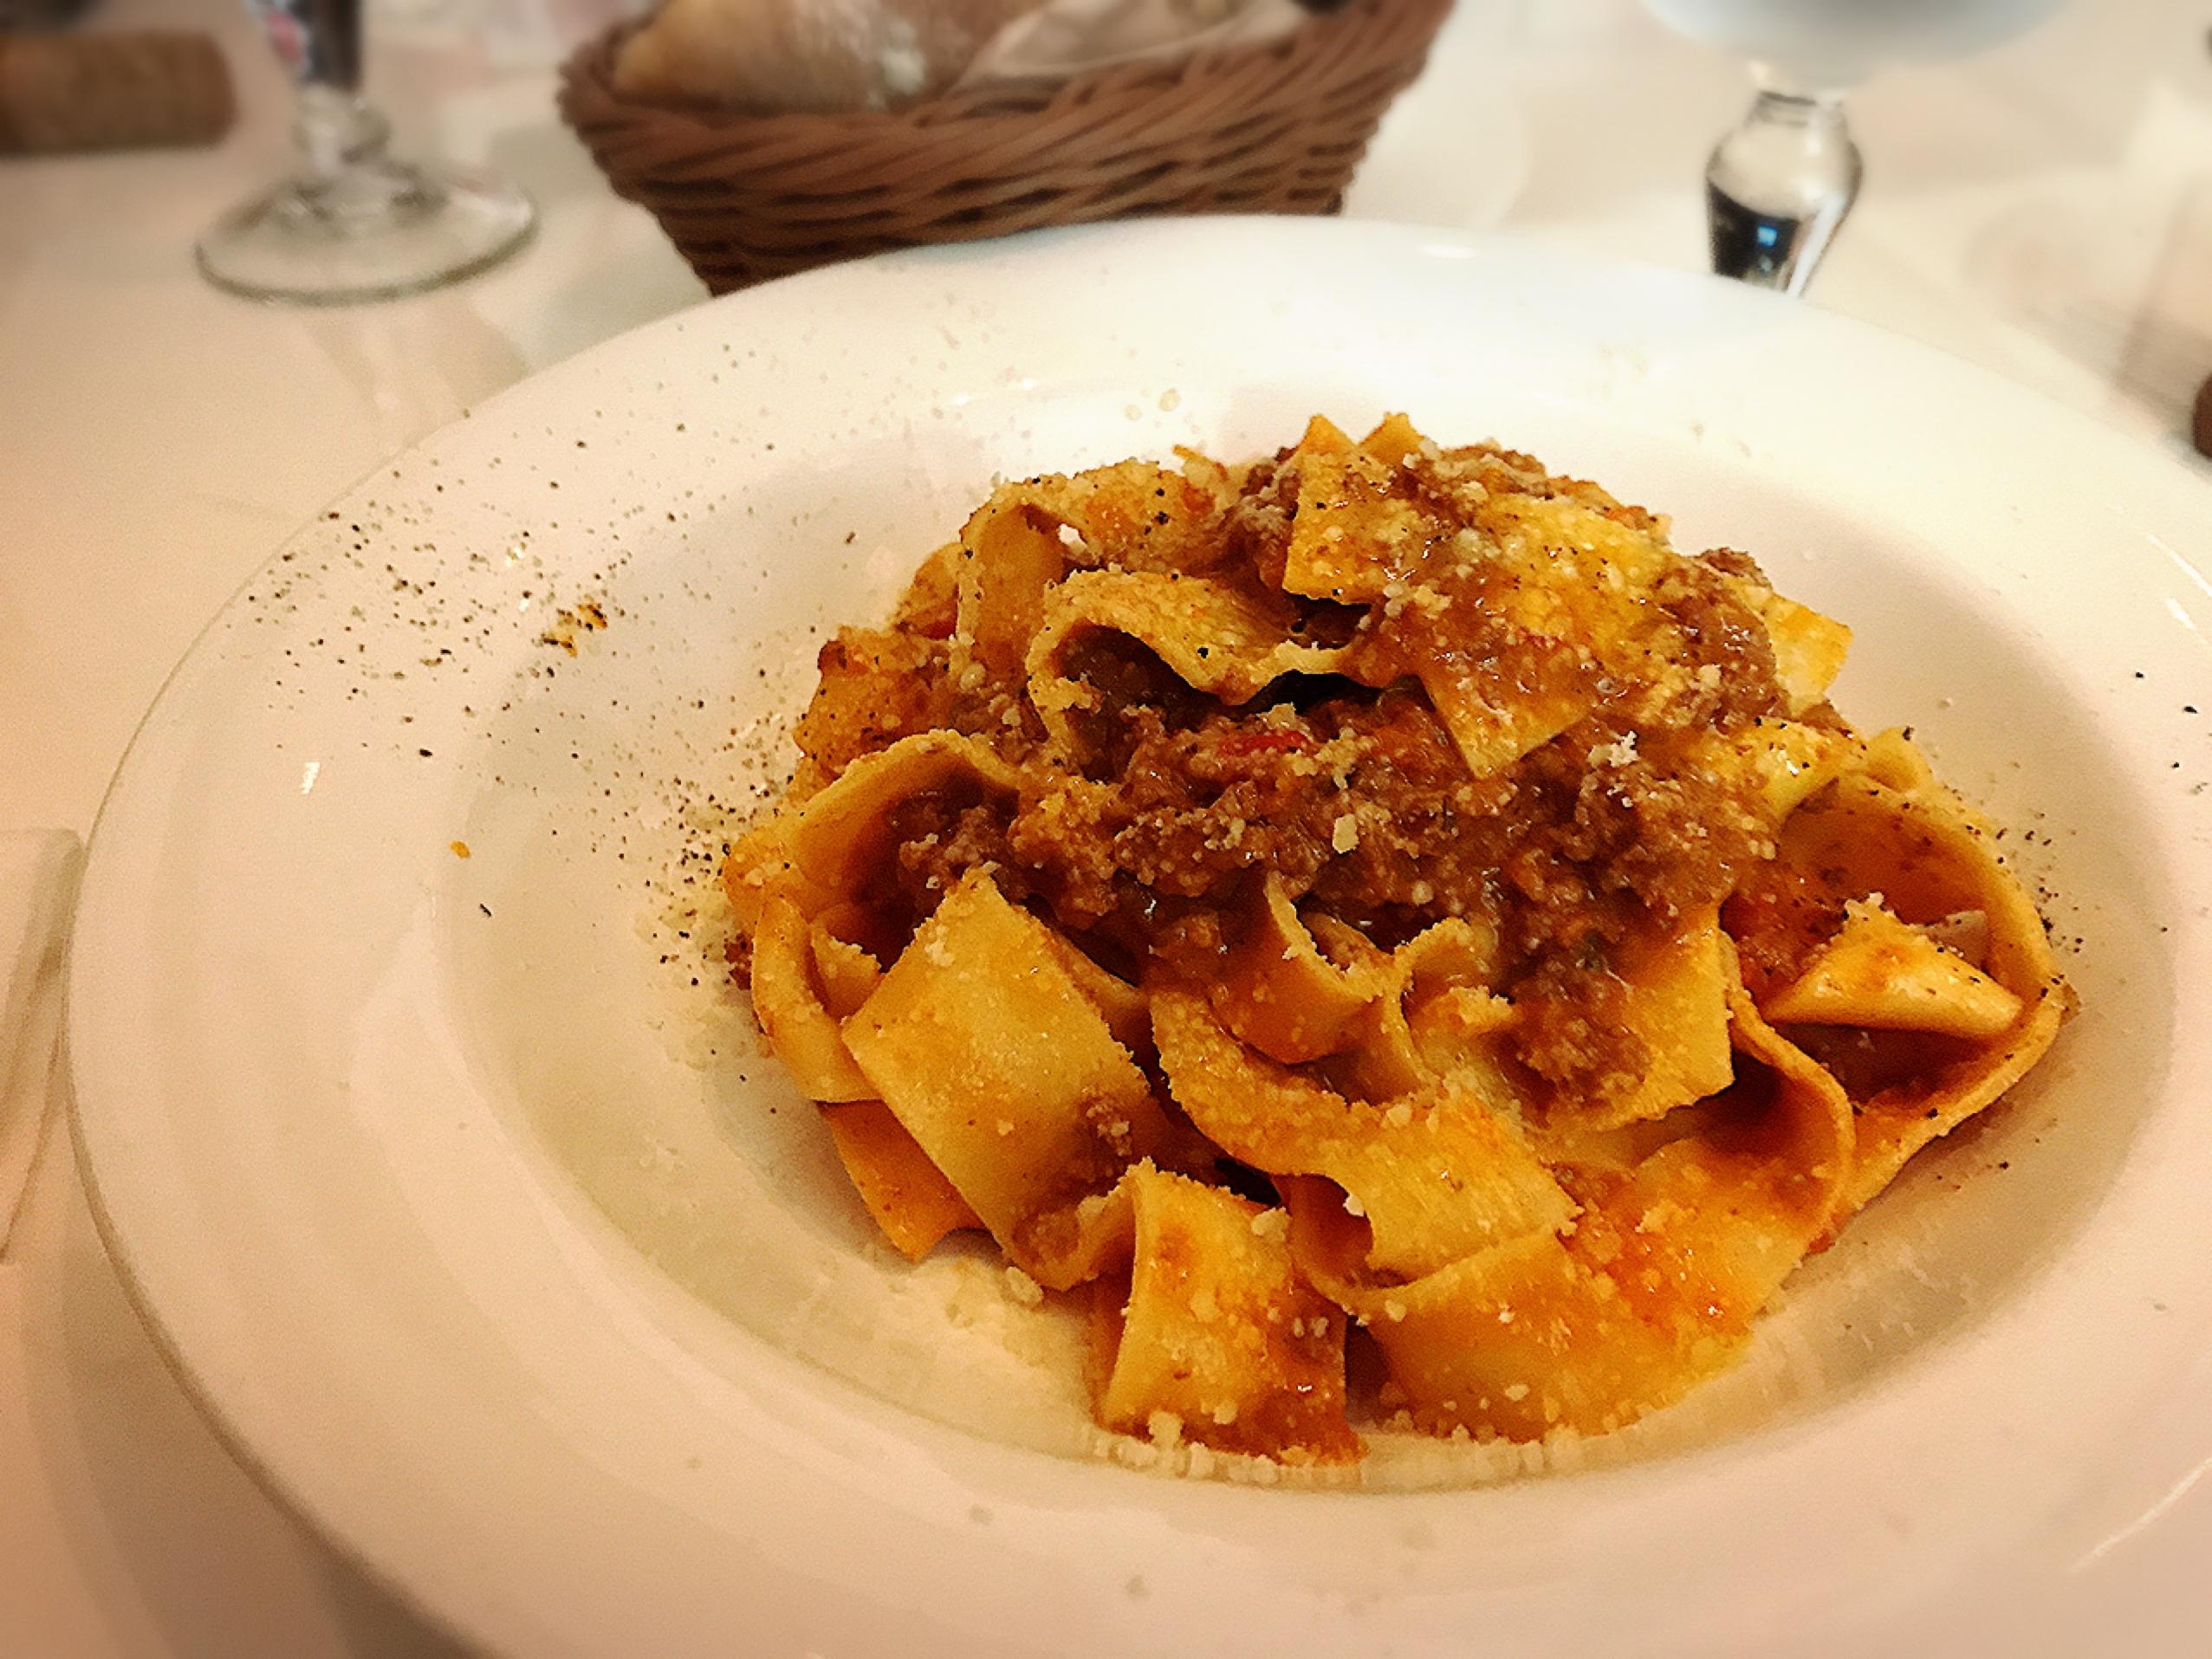 【京都・四条】本当に美味しいイタリアンはここで間違いなし!お肉ごろごろラグーソース˚✧₊_1